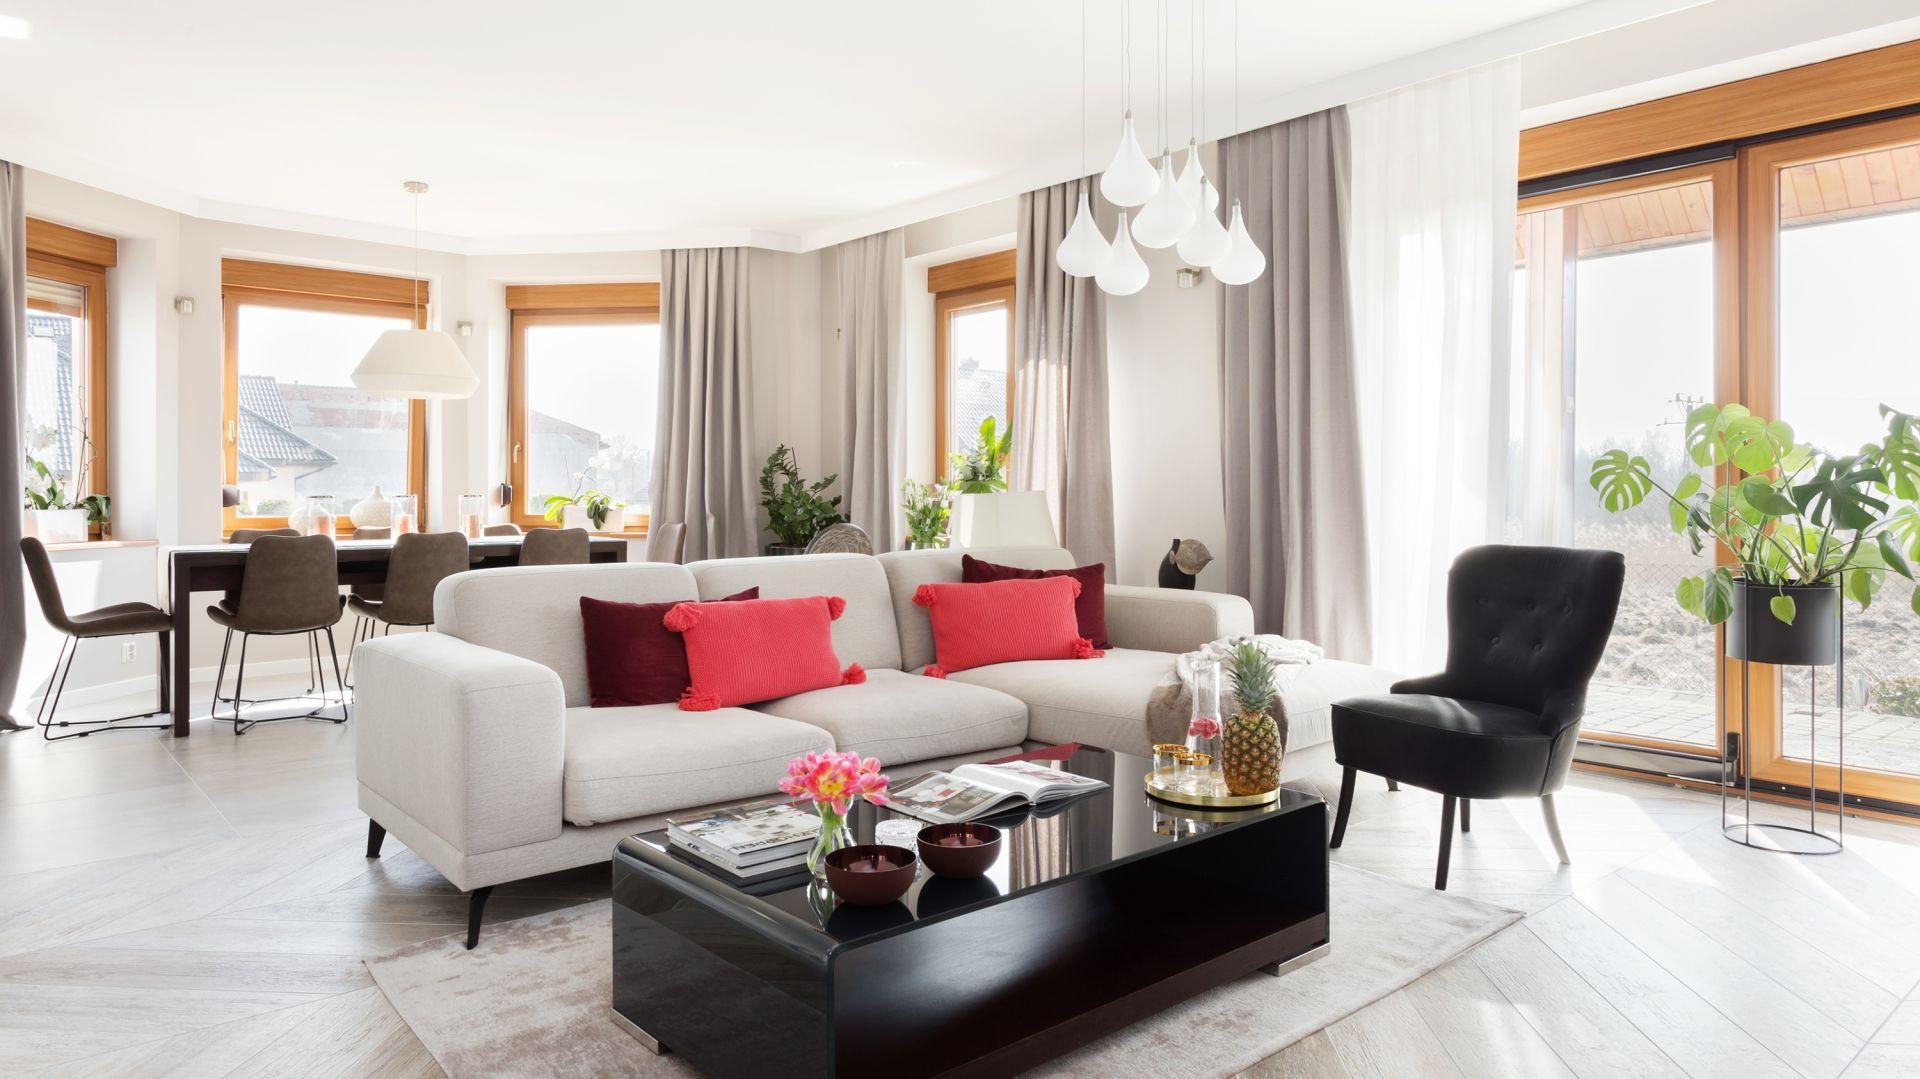 W salonie w domu jednorodzinnym wygodna kanapa optycznie oddziela przestrzeń wypoczynkową od jadalnianej. Projekt Katarzyna Maciejewska. Fot. Dekorialove